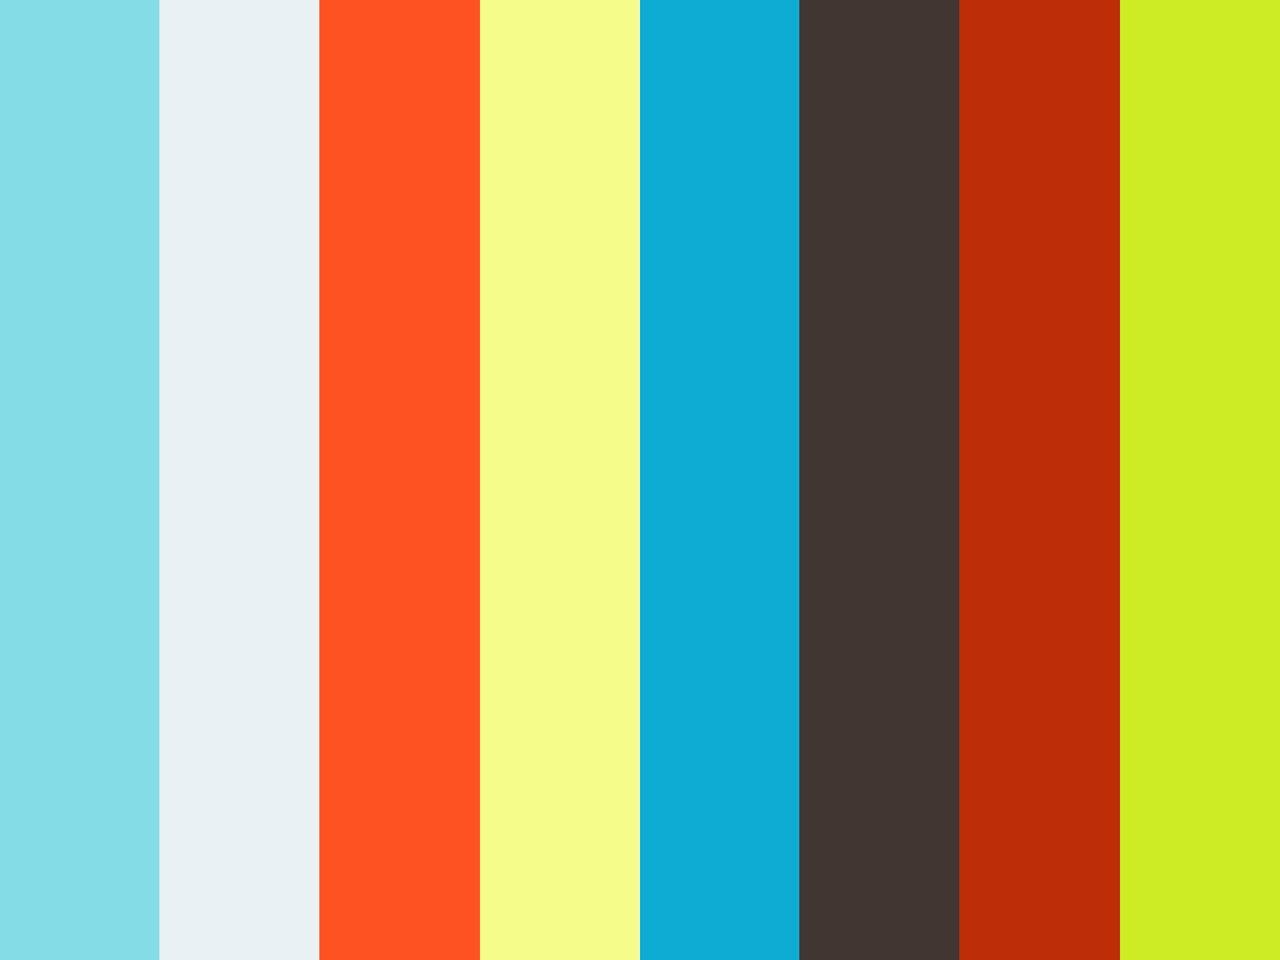 Núcleo 4º edición - Mercado de diseño cordobés - 220CC